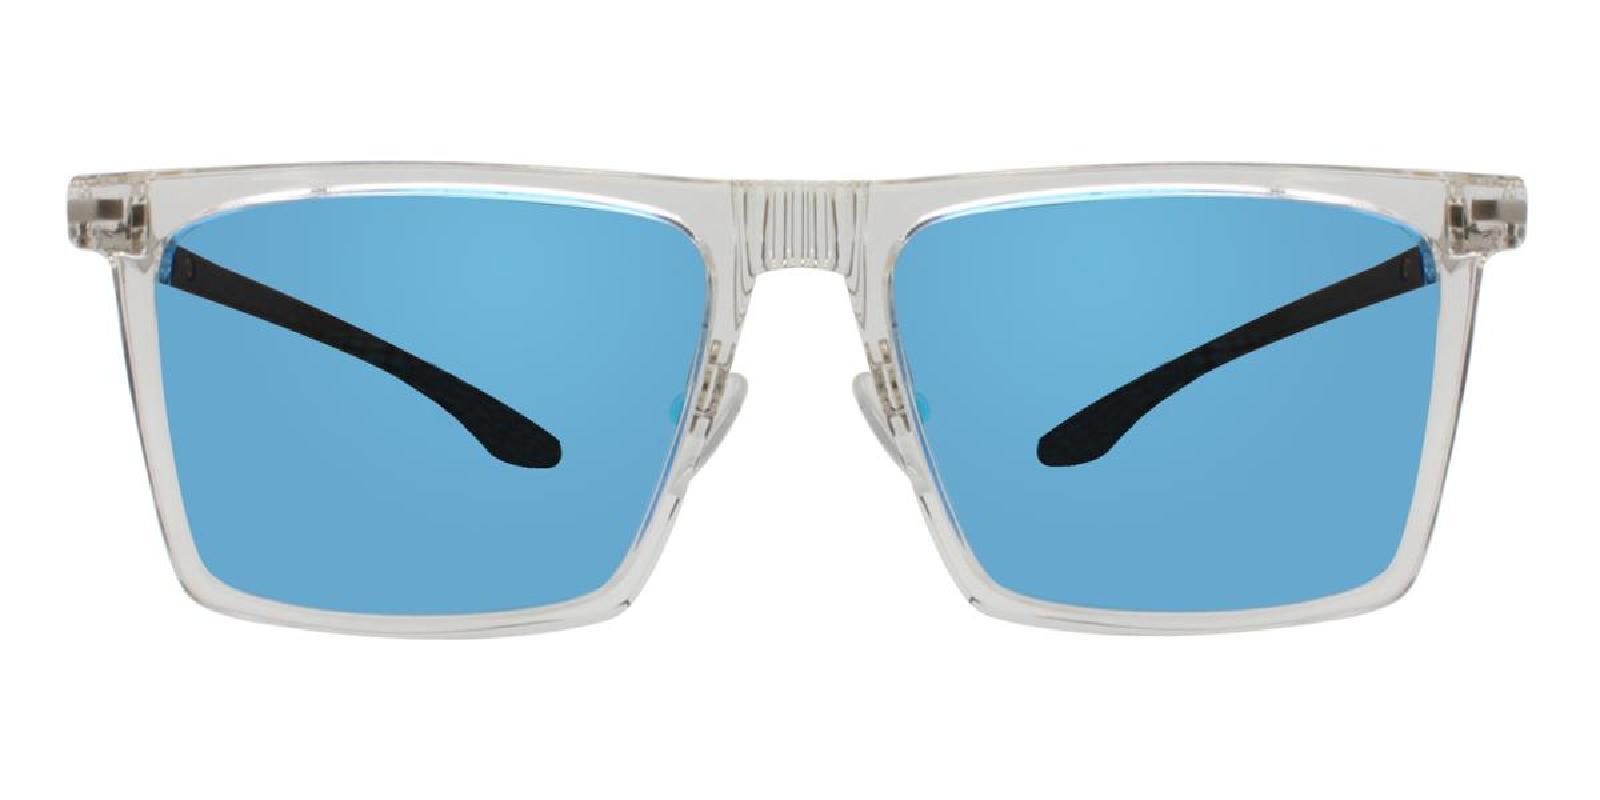 Bogota-Translucent-Square-Combination / Metal / TR-Sunglasses-additional2